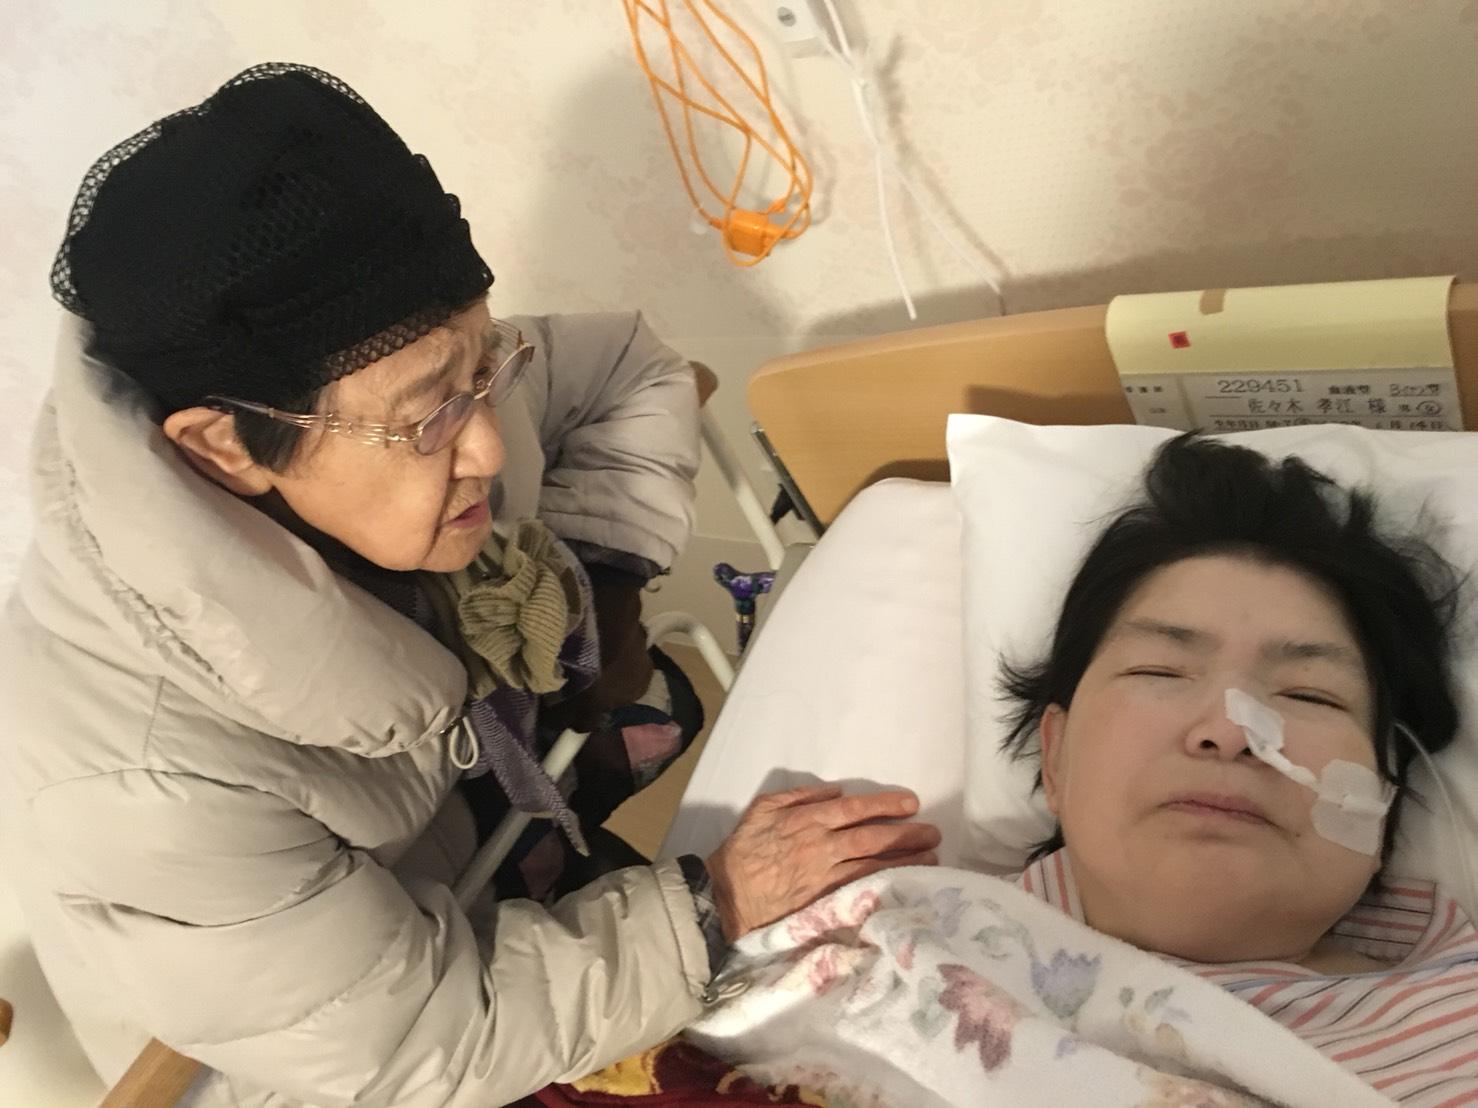 見舞いに行った高齢の母親にベッドの上から「おかあさん、私、結婚したい」と姉は訴えました。